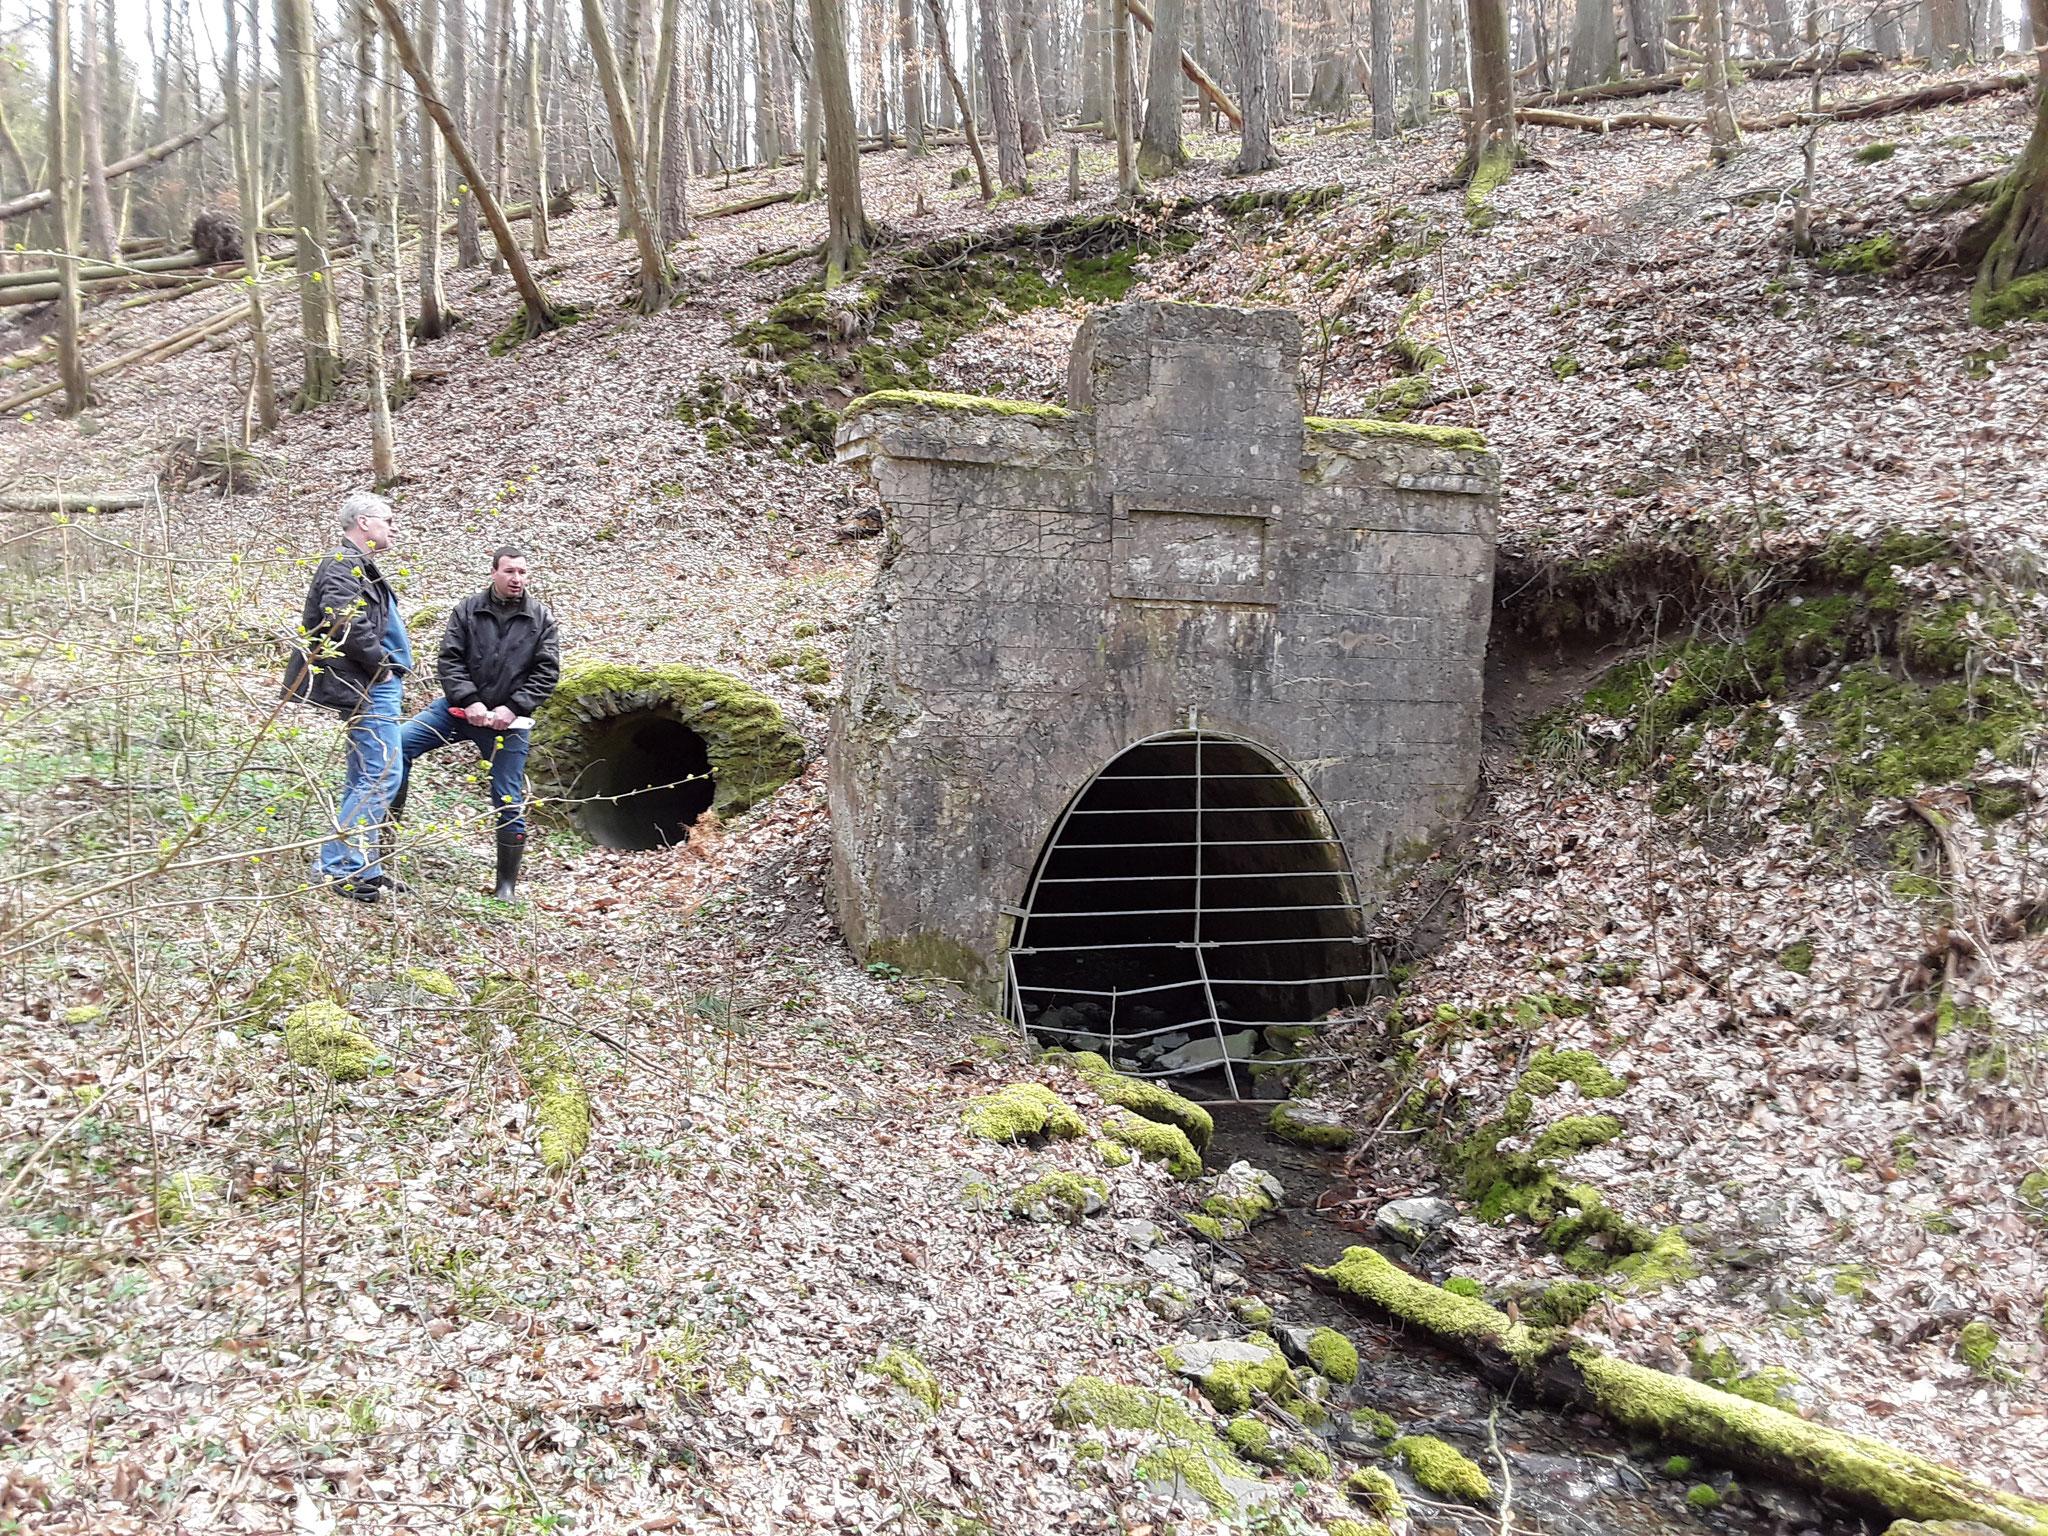 Für die Fledermäuse wurde ein 2. Eingang gelegt, da der Haupt- Stollen nach wenigen Metern eingebrochen ist